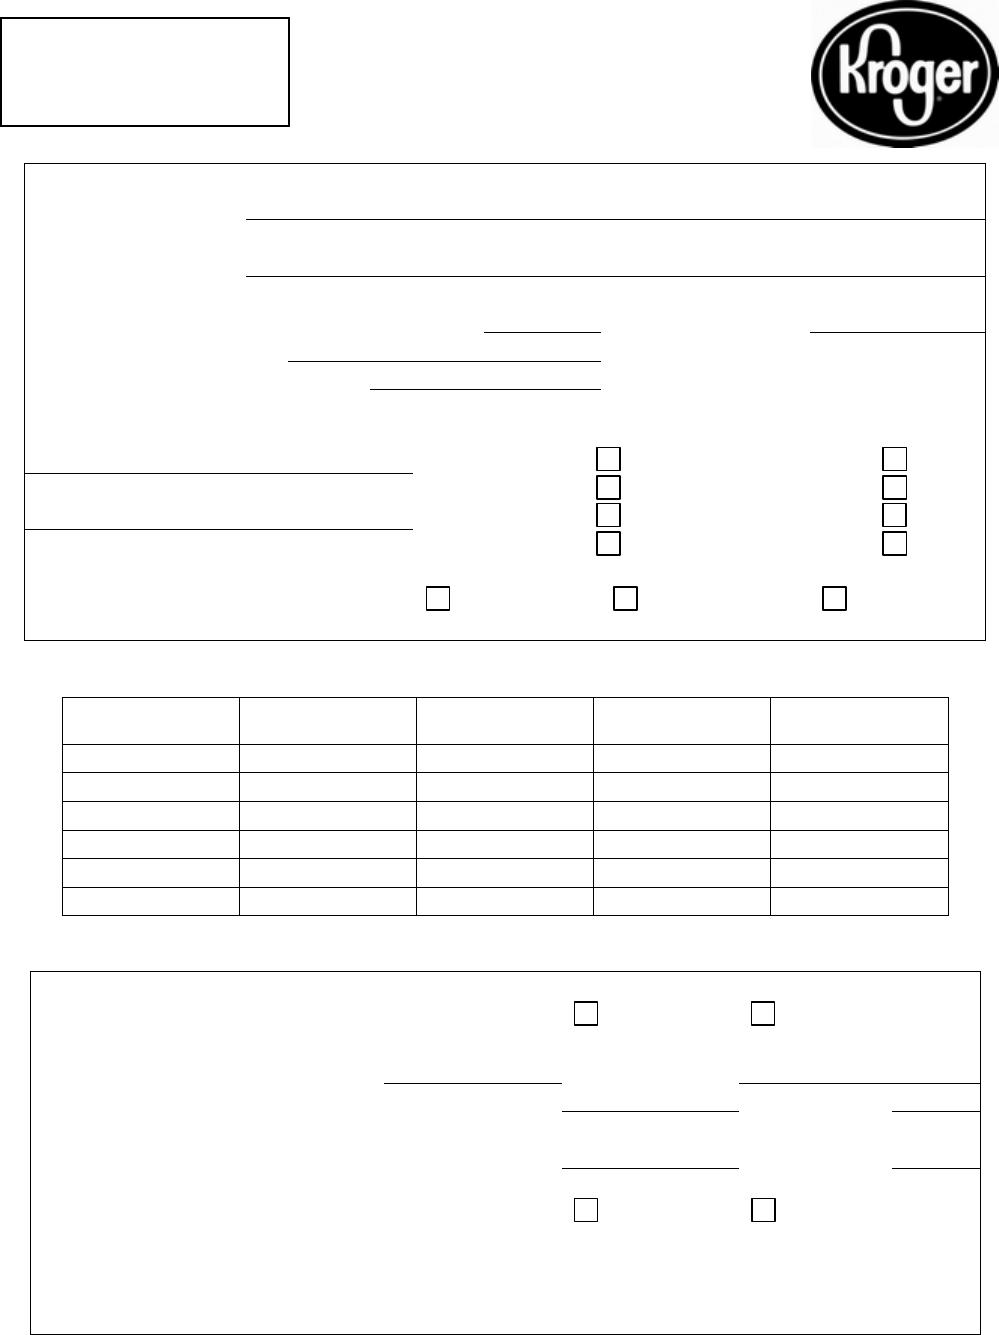 Kroger Job Application Form Online | Reference Letter Template ...